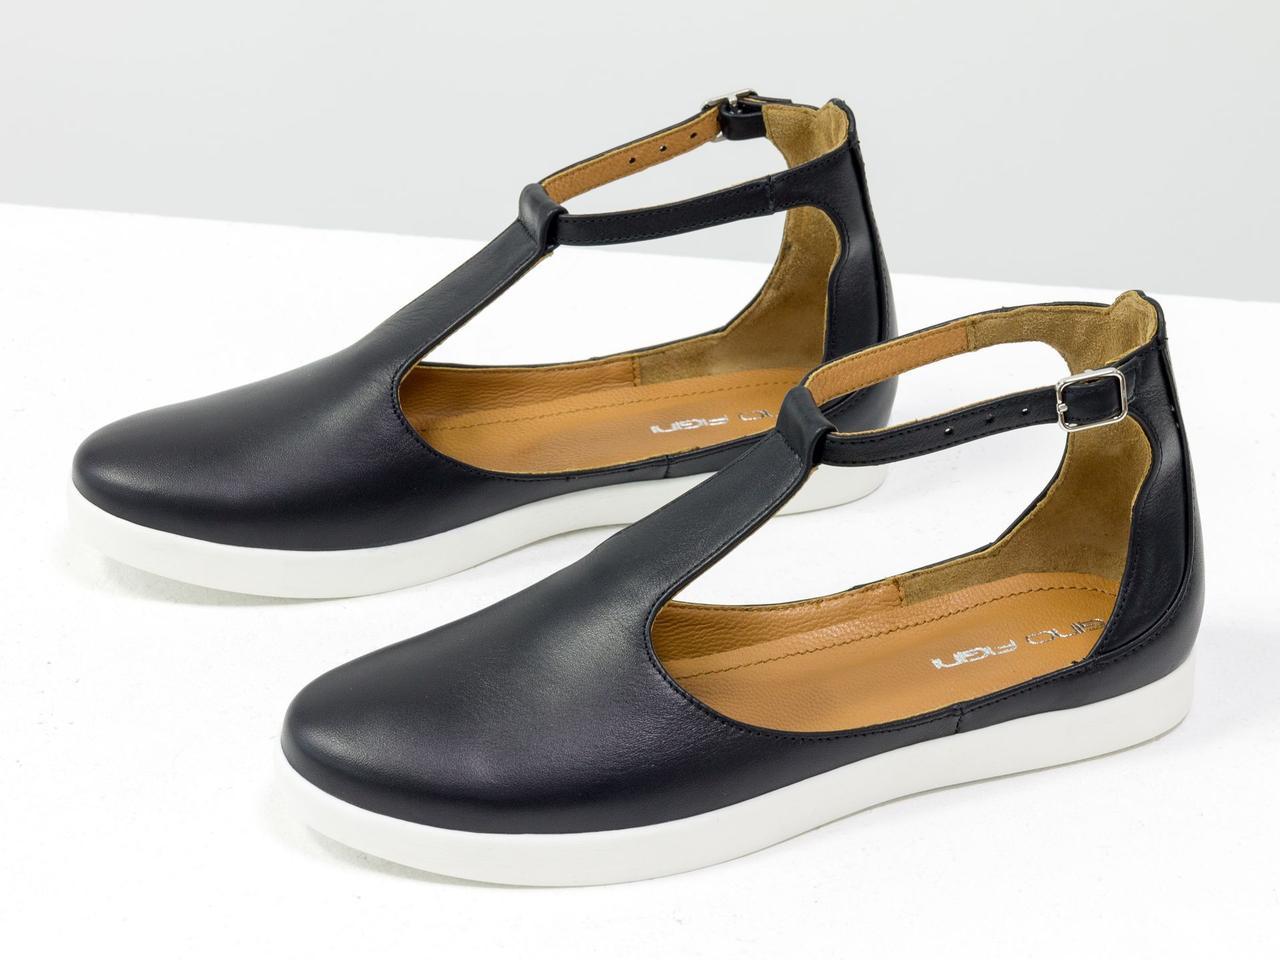 Удобные и легкие летние туфли в спортивном стиле из натуральной кожи черного цвета